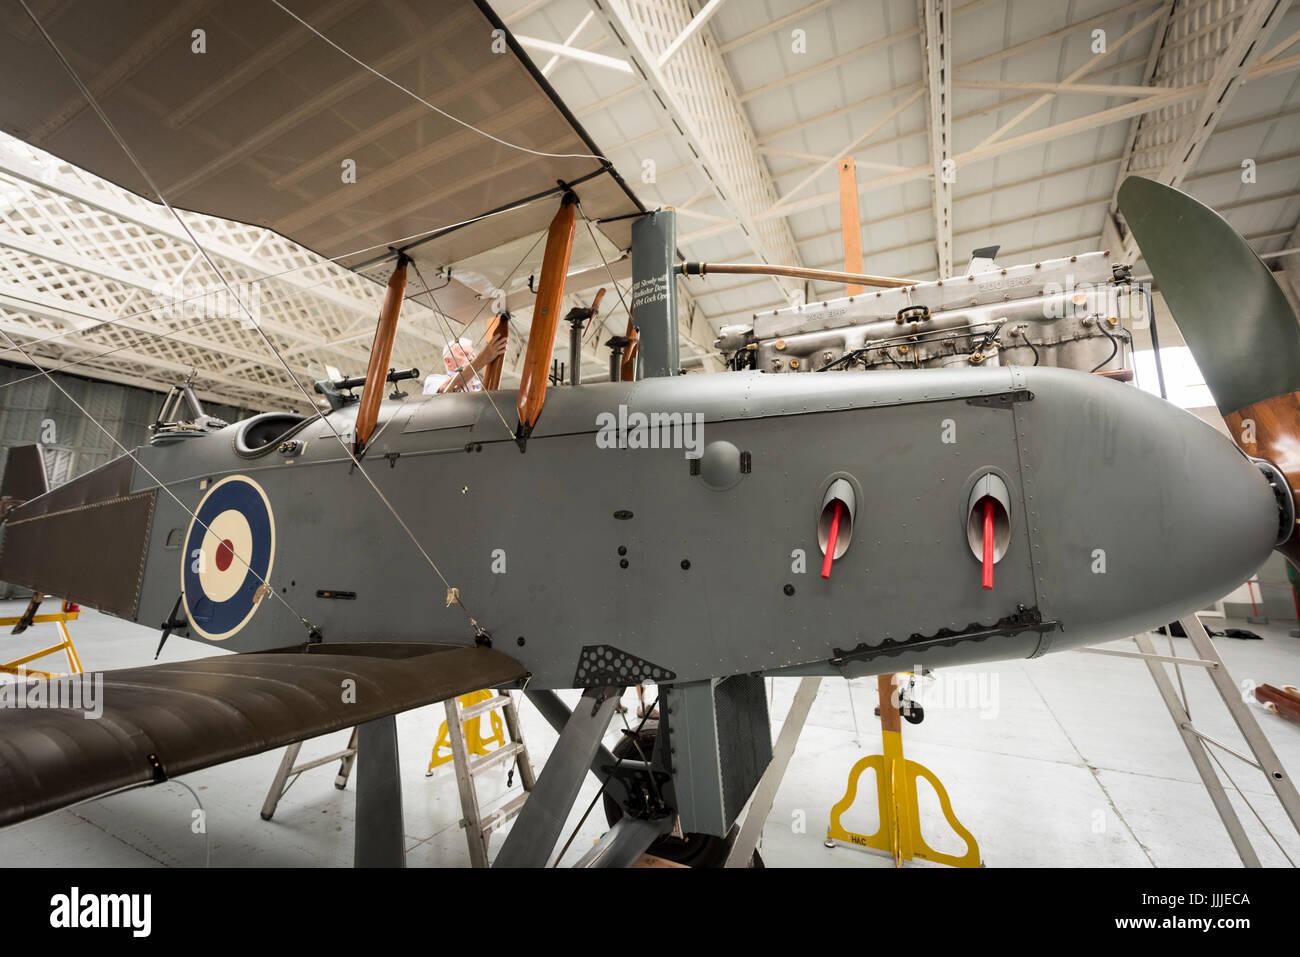 Duxford Cambridgeshire, Regno Unito. Il 20 luglio, 2017. Una rara Prima Guerra Mondiale De Havilland DH9 aerei bombardieri è stato completamente restaurato ed è ora in fase di assemblaggio per la visualizzazione e il volo presso il Museo Imperiale della Guerra. Il piano è di 100 anni, essendo assemblati in un WW1 appendiabiti sul centesimo anniversario del Museo Imperiale della Guerra. Il piano è il solo nel Regno Unito ed è stato restaurato dopo essere stato trovato in un elefante stabile presso il palazzo di Bikaner, Rajasthan, India. Credito: Julian Eales/Alamy Live News Foto Stock